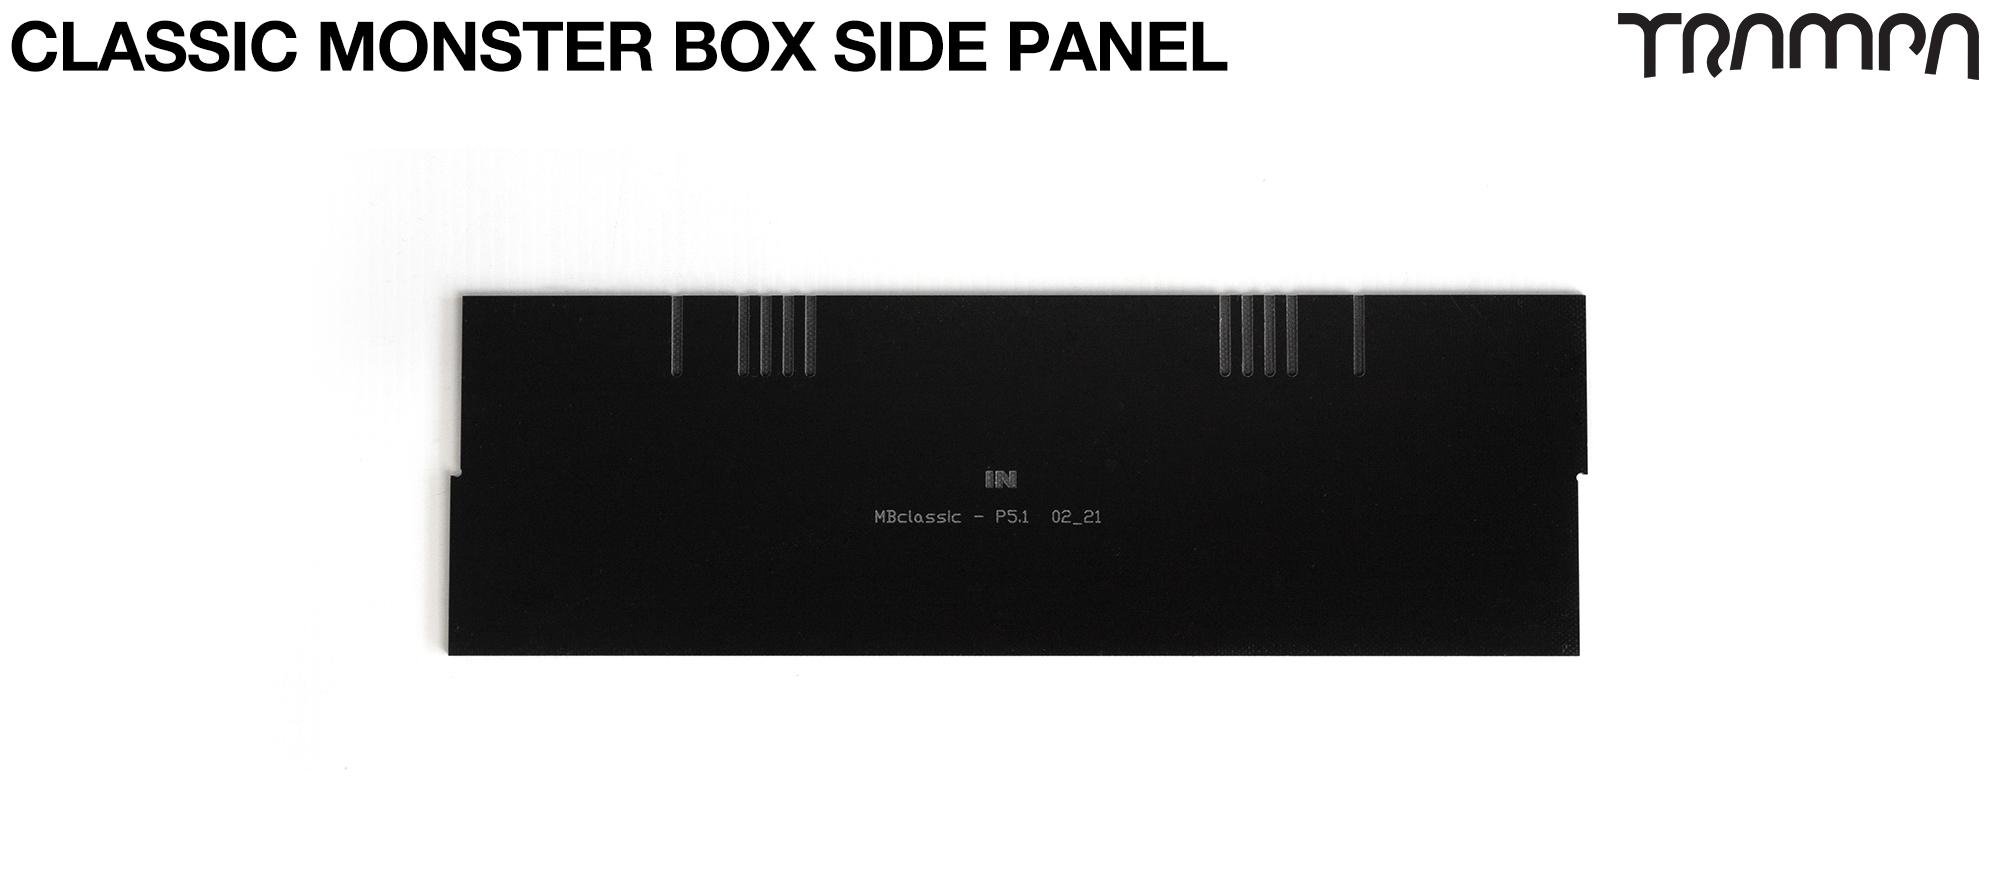 CLASSIC MONSTER Box MkV 2mm SIDE PANEL